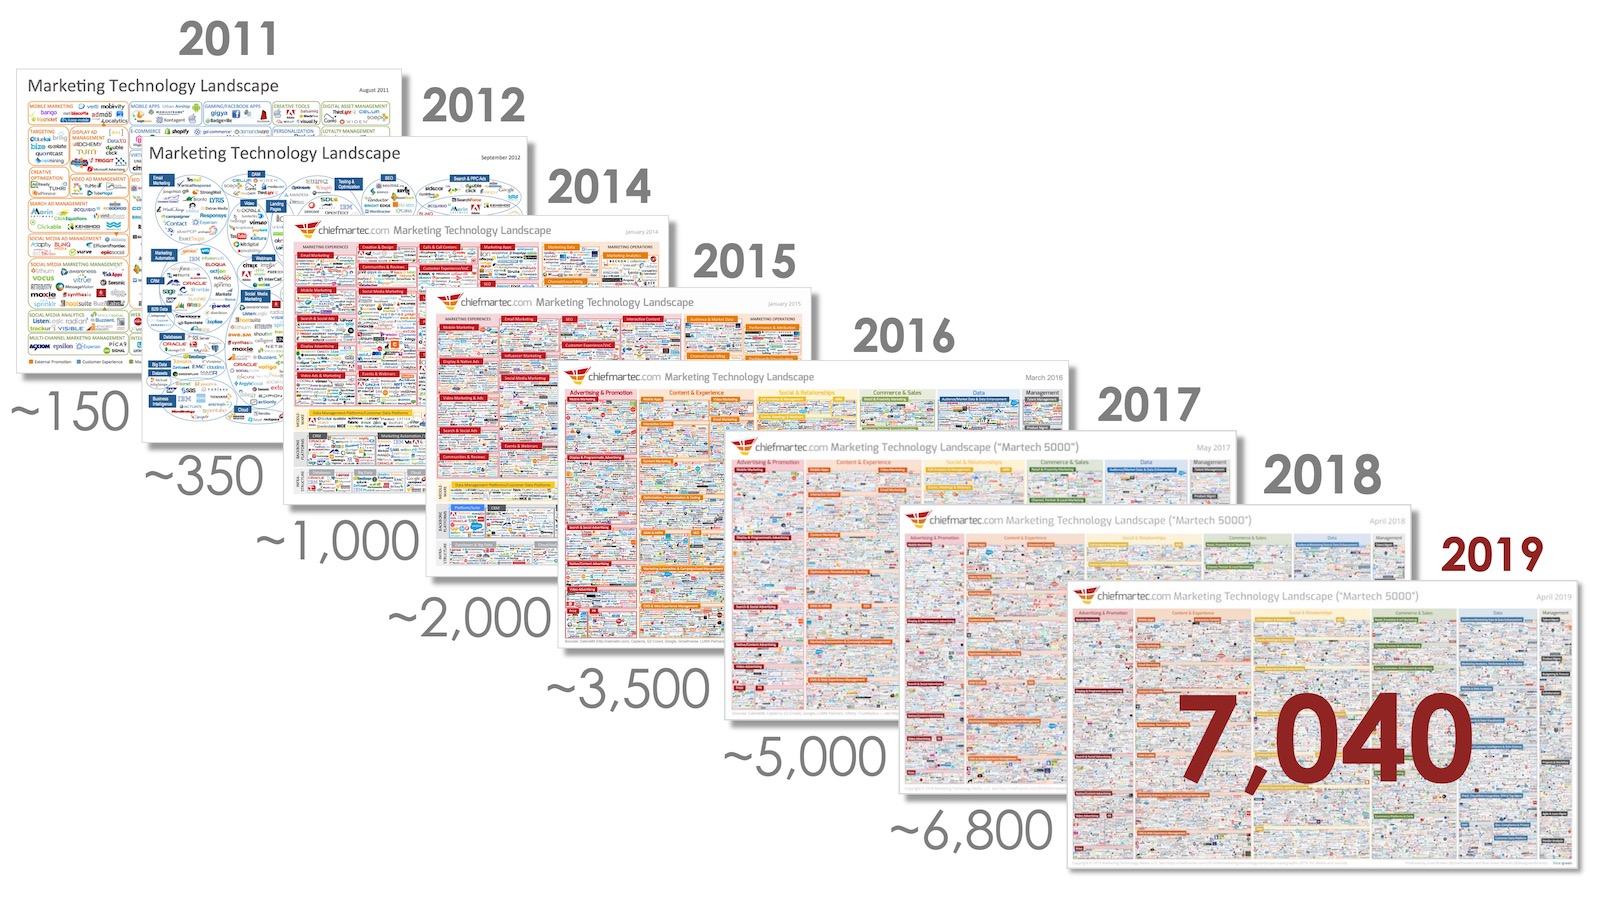 martech landscape 2011-2019